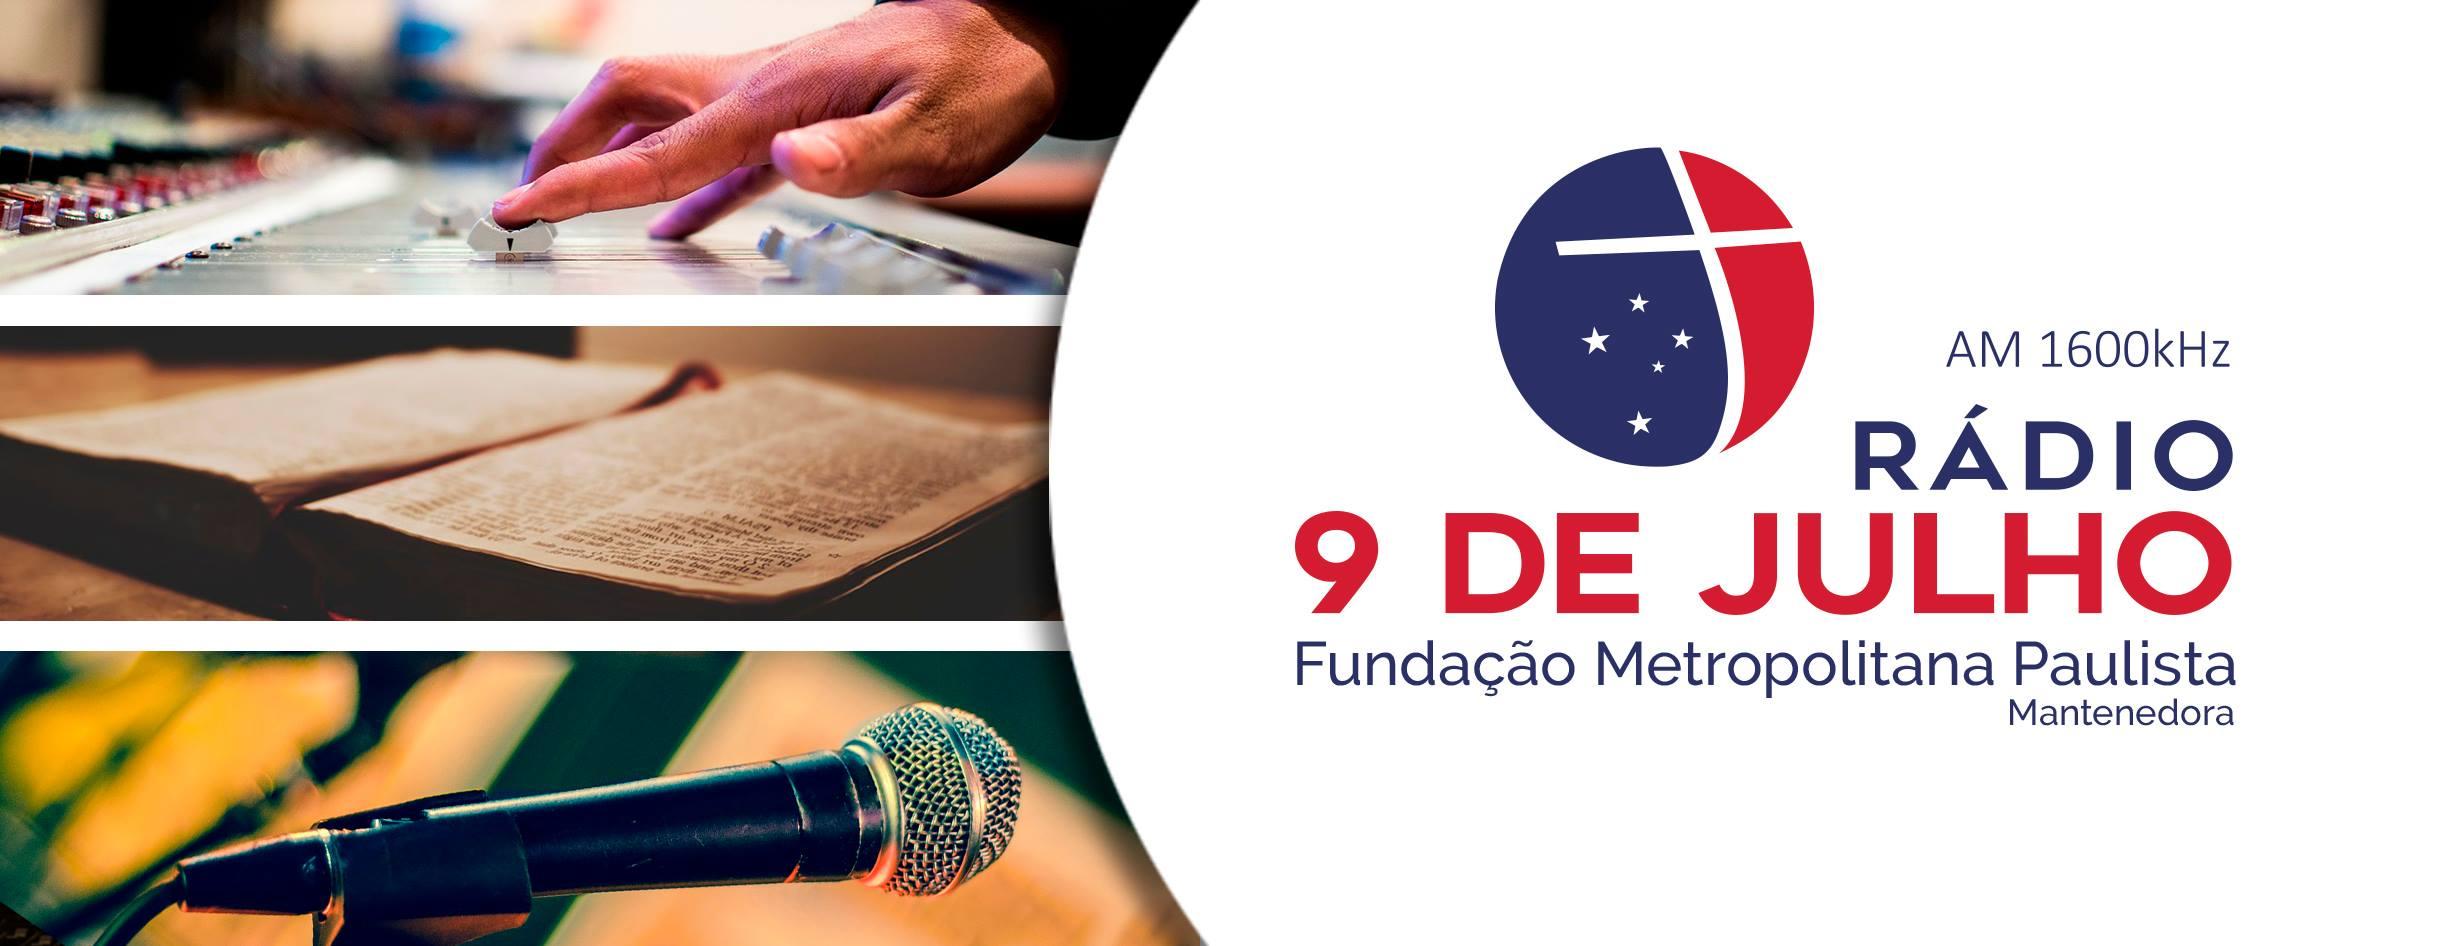 Vídeo : Participação no Programa Tocando em frente na Rádio 9 de Julho